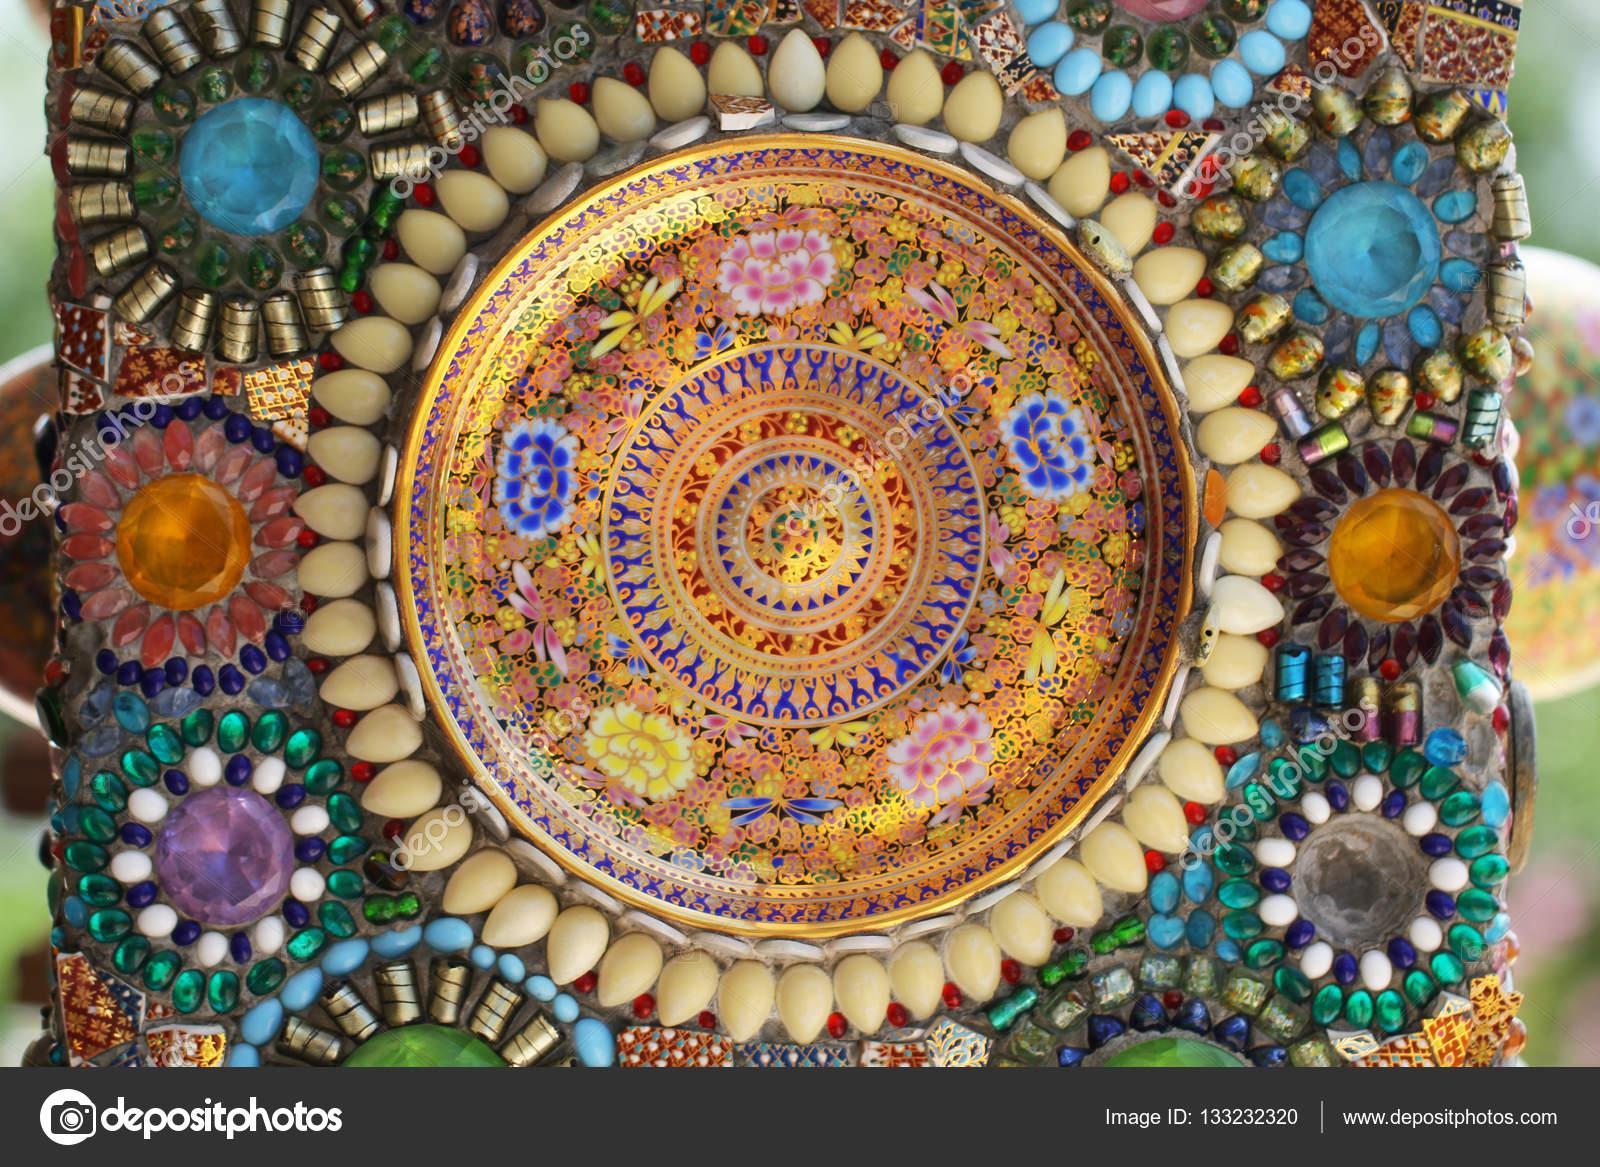 Dise o de arte del colorido azulejo roto grano tapa de for Diseno de piedras decorativas